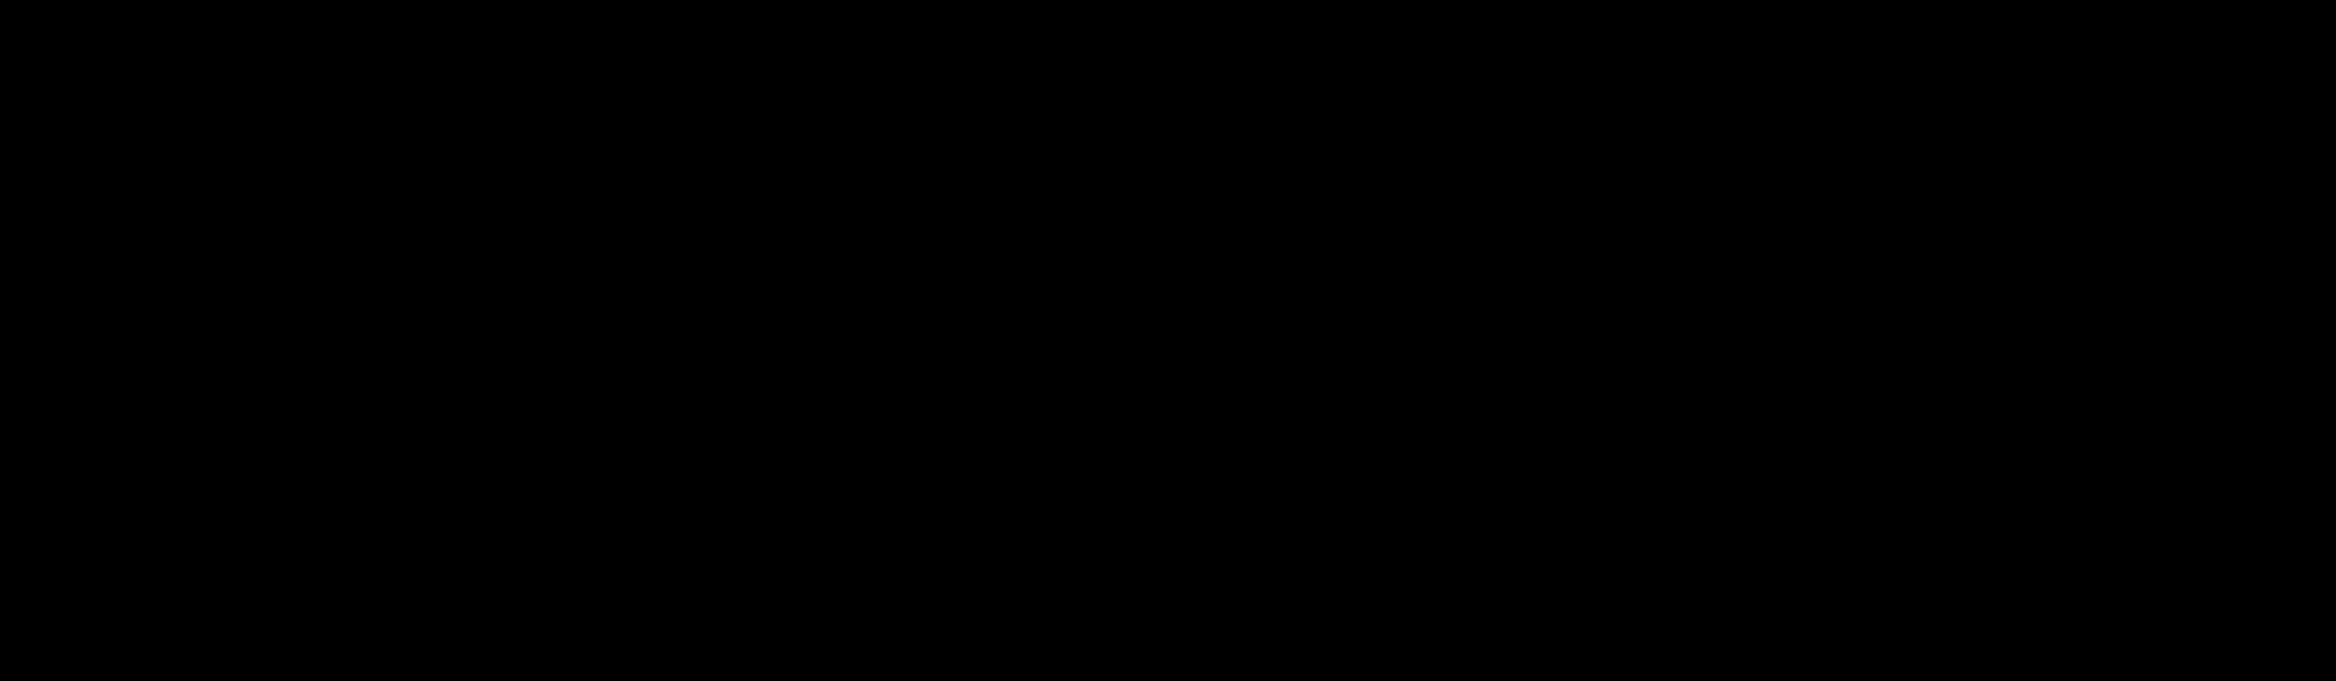 LVMH_logo_black